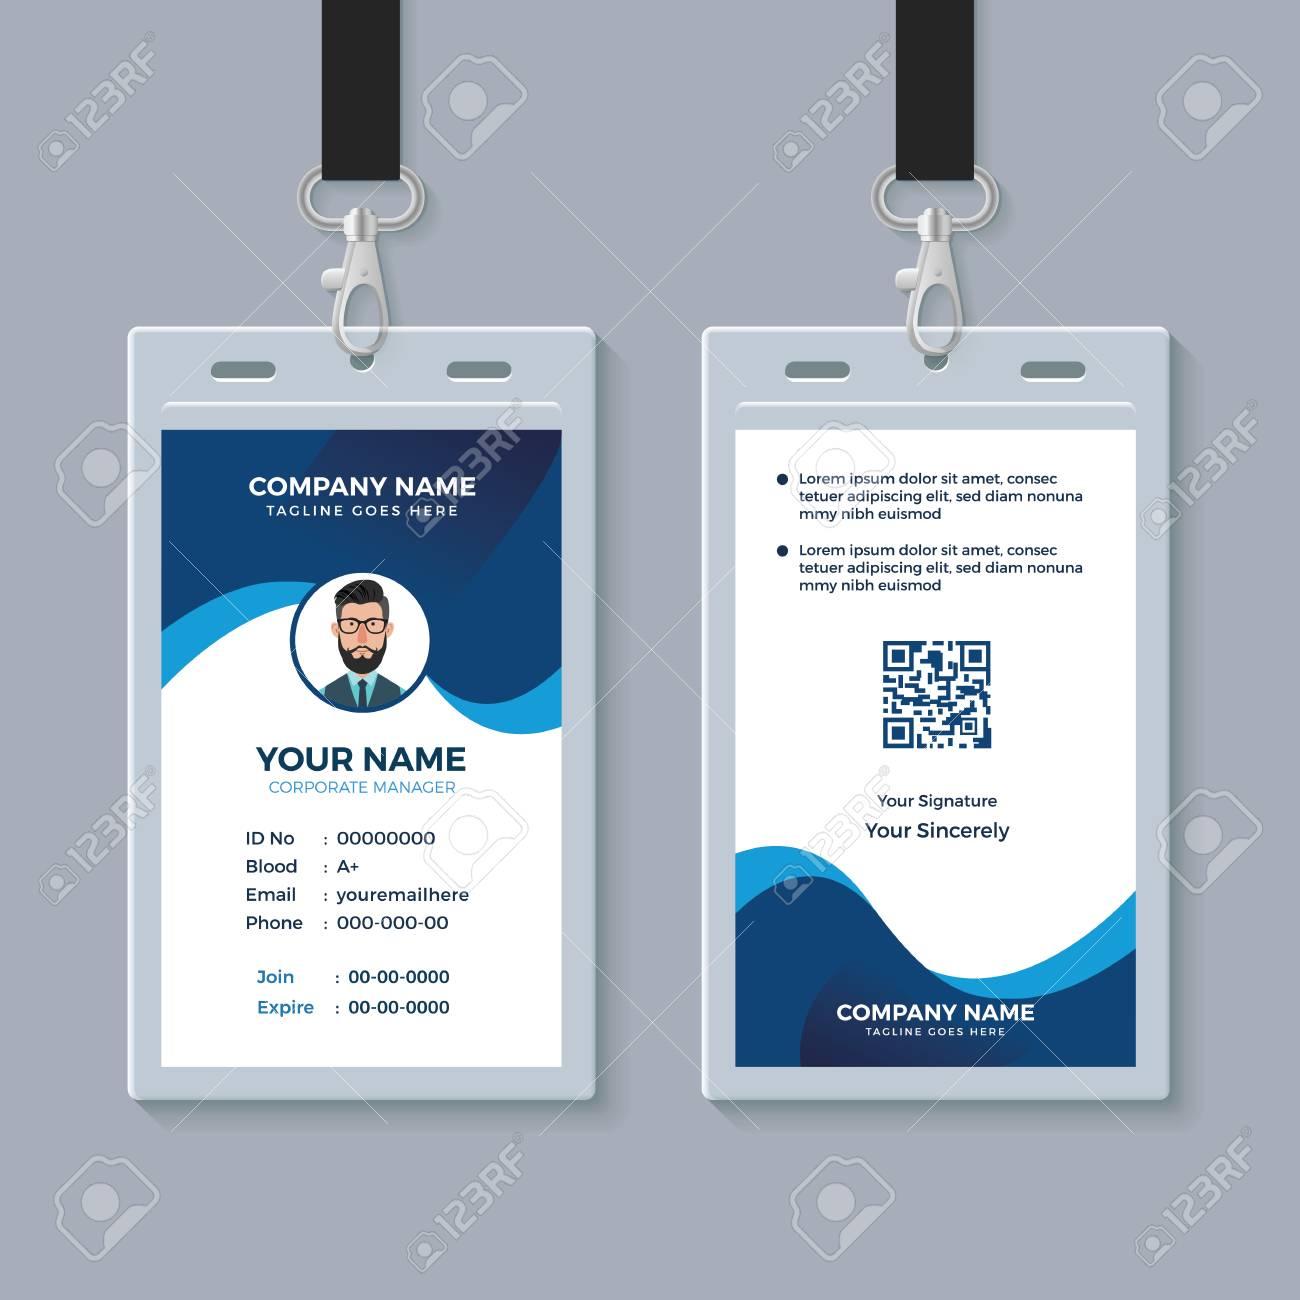 Modern Clean ID Card Template - 123982232